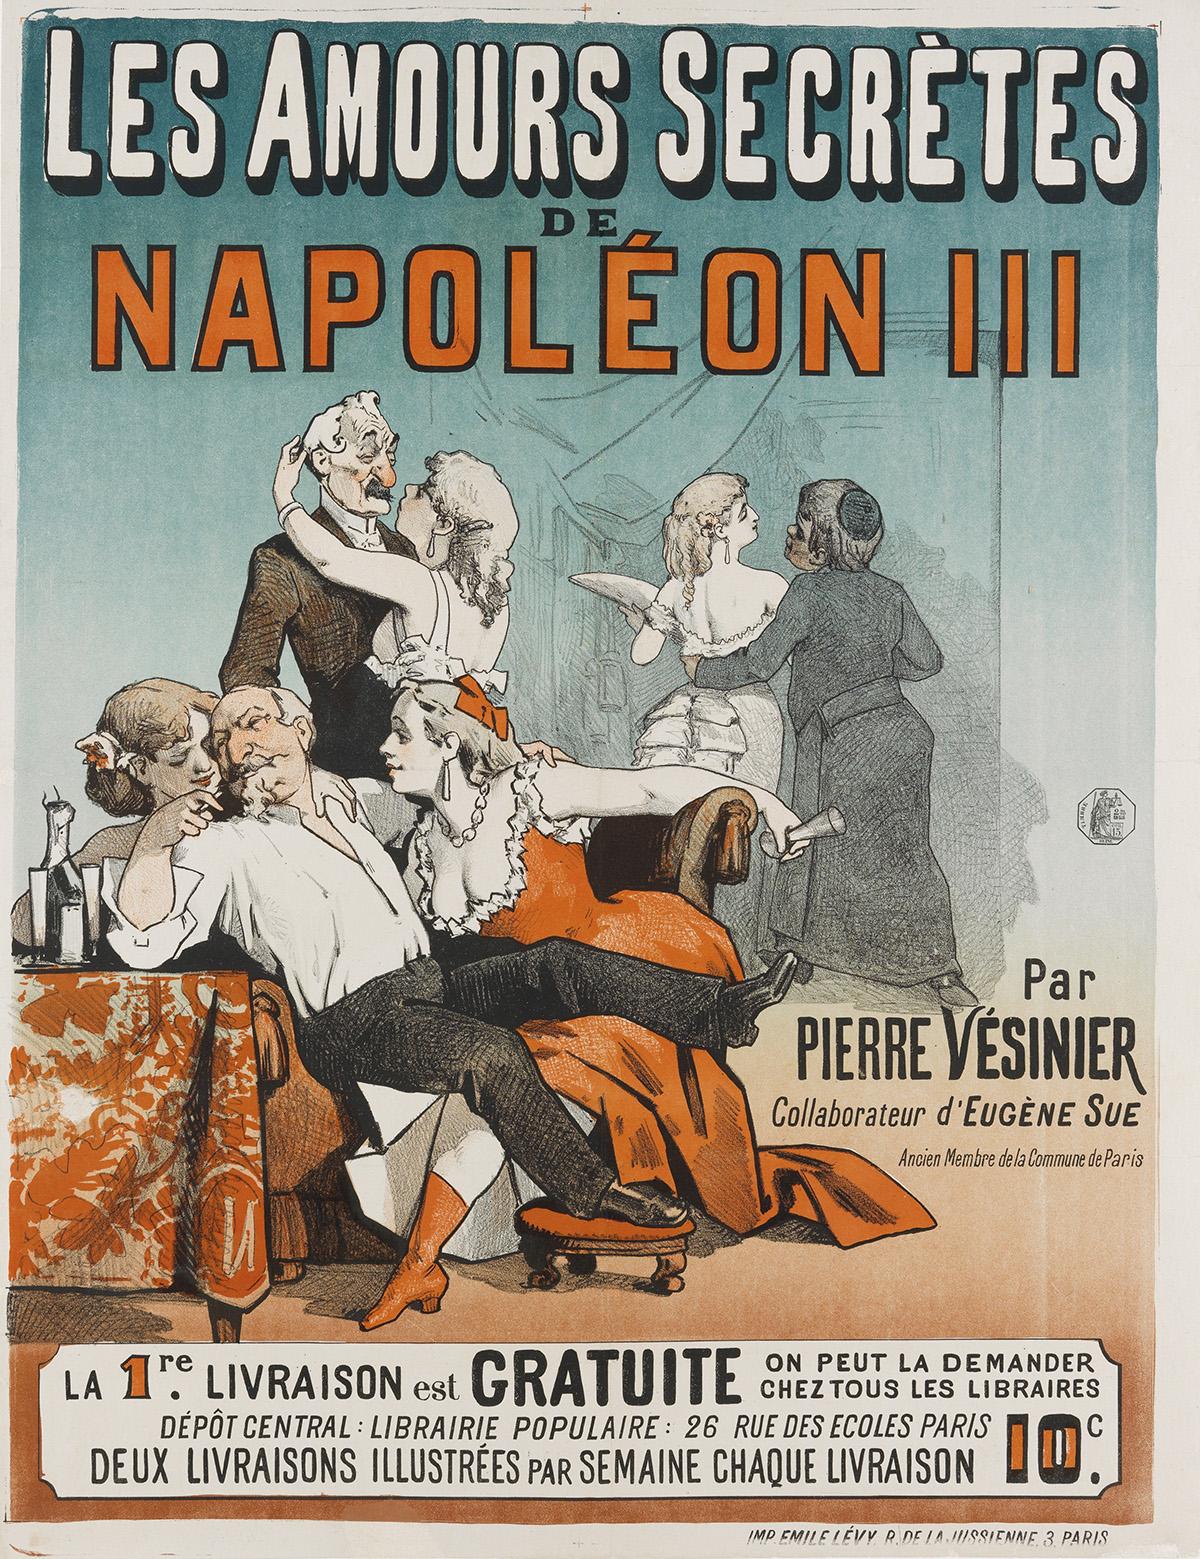 DESIGNER-UNKNOWN-LES-AMOURS-SECRÈTES-DE-NAPOLÉON-III-Circa-1